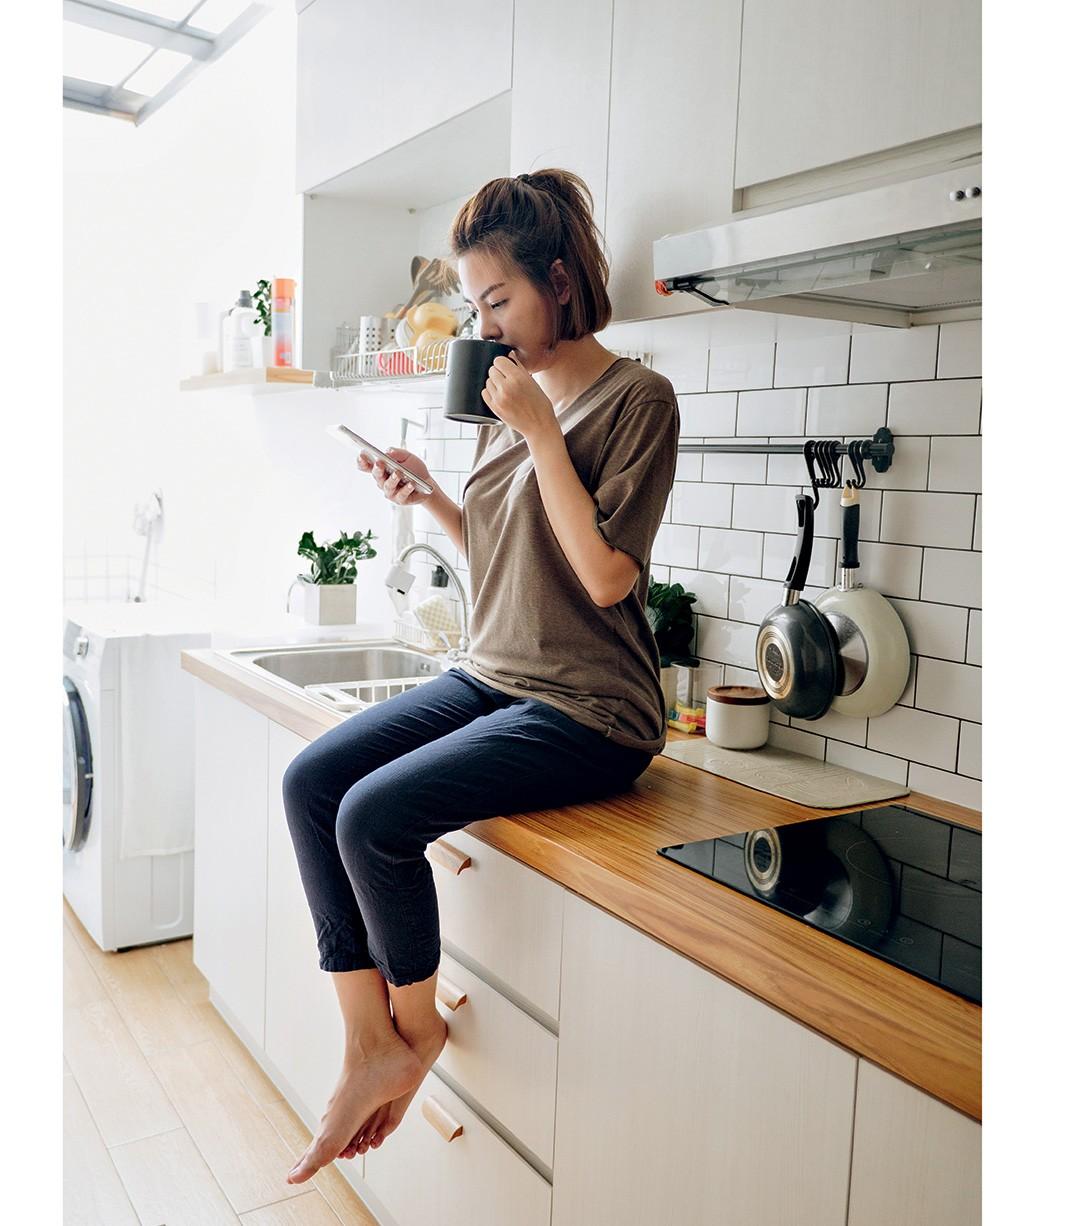 Epidemia do engajamento -  De repente, muitas pessoas tiveram que adotar a prática do home office  (Foto: Divulgação)